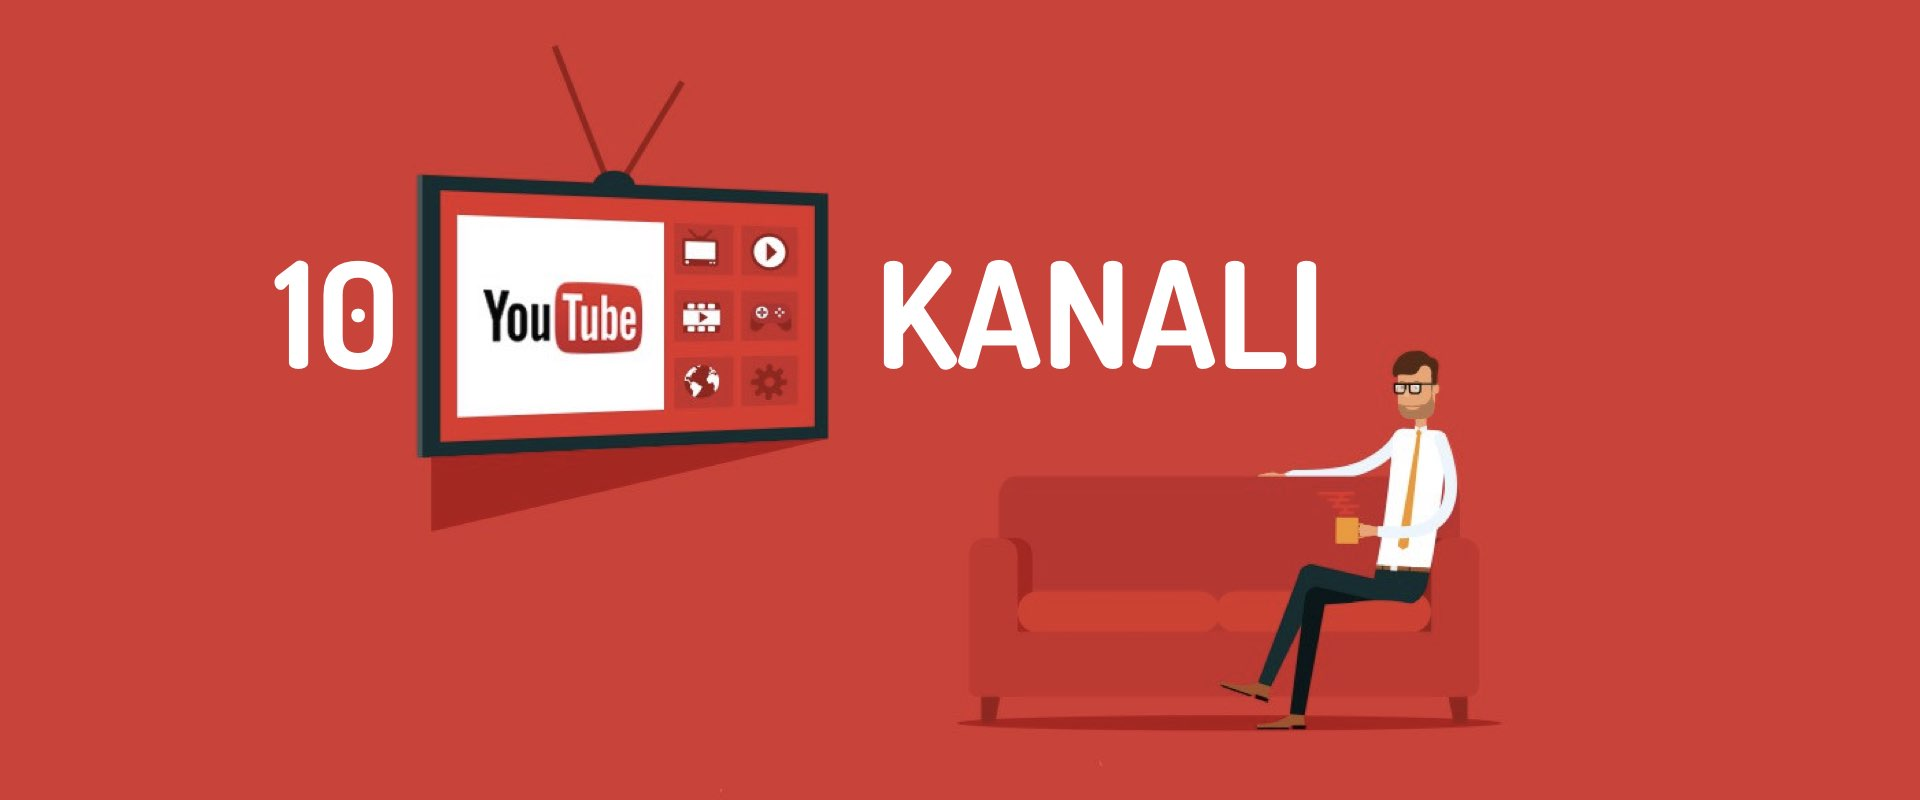 Pazarlama ve İş Dünyasıyla İlgili Takip Edilmesi Gereken 10 YouTube Kanalı